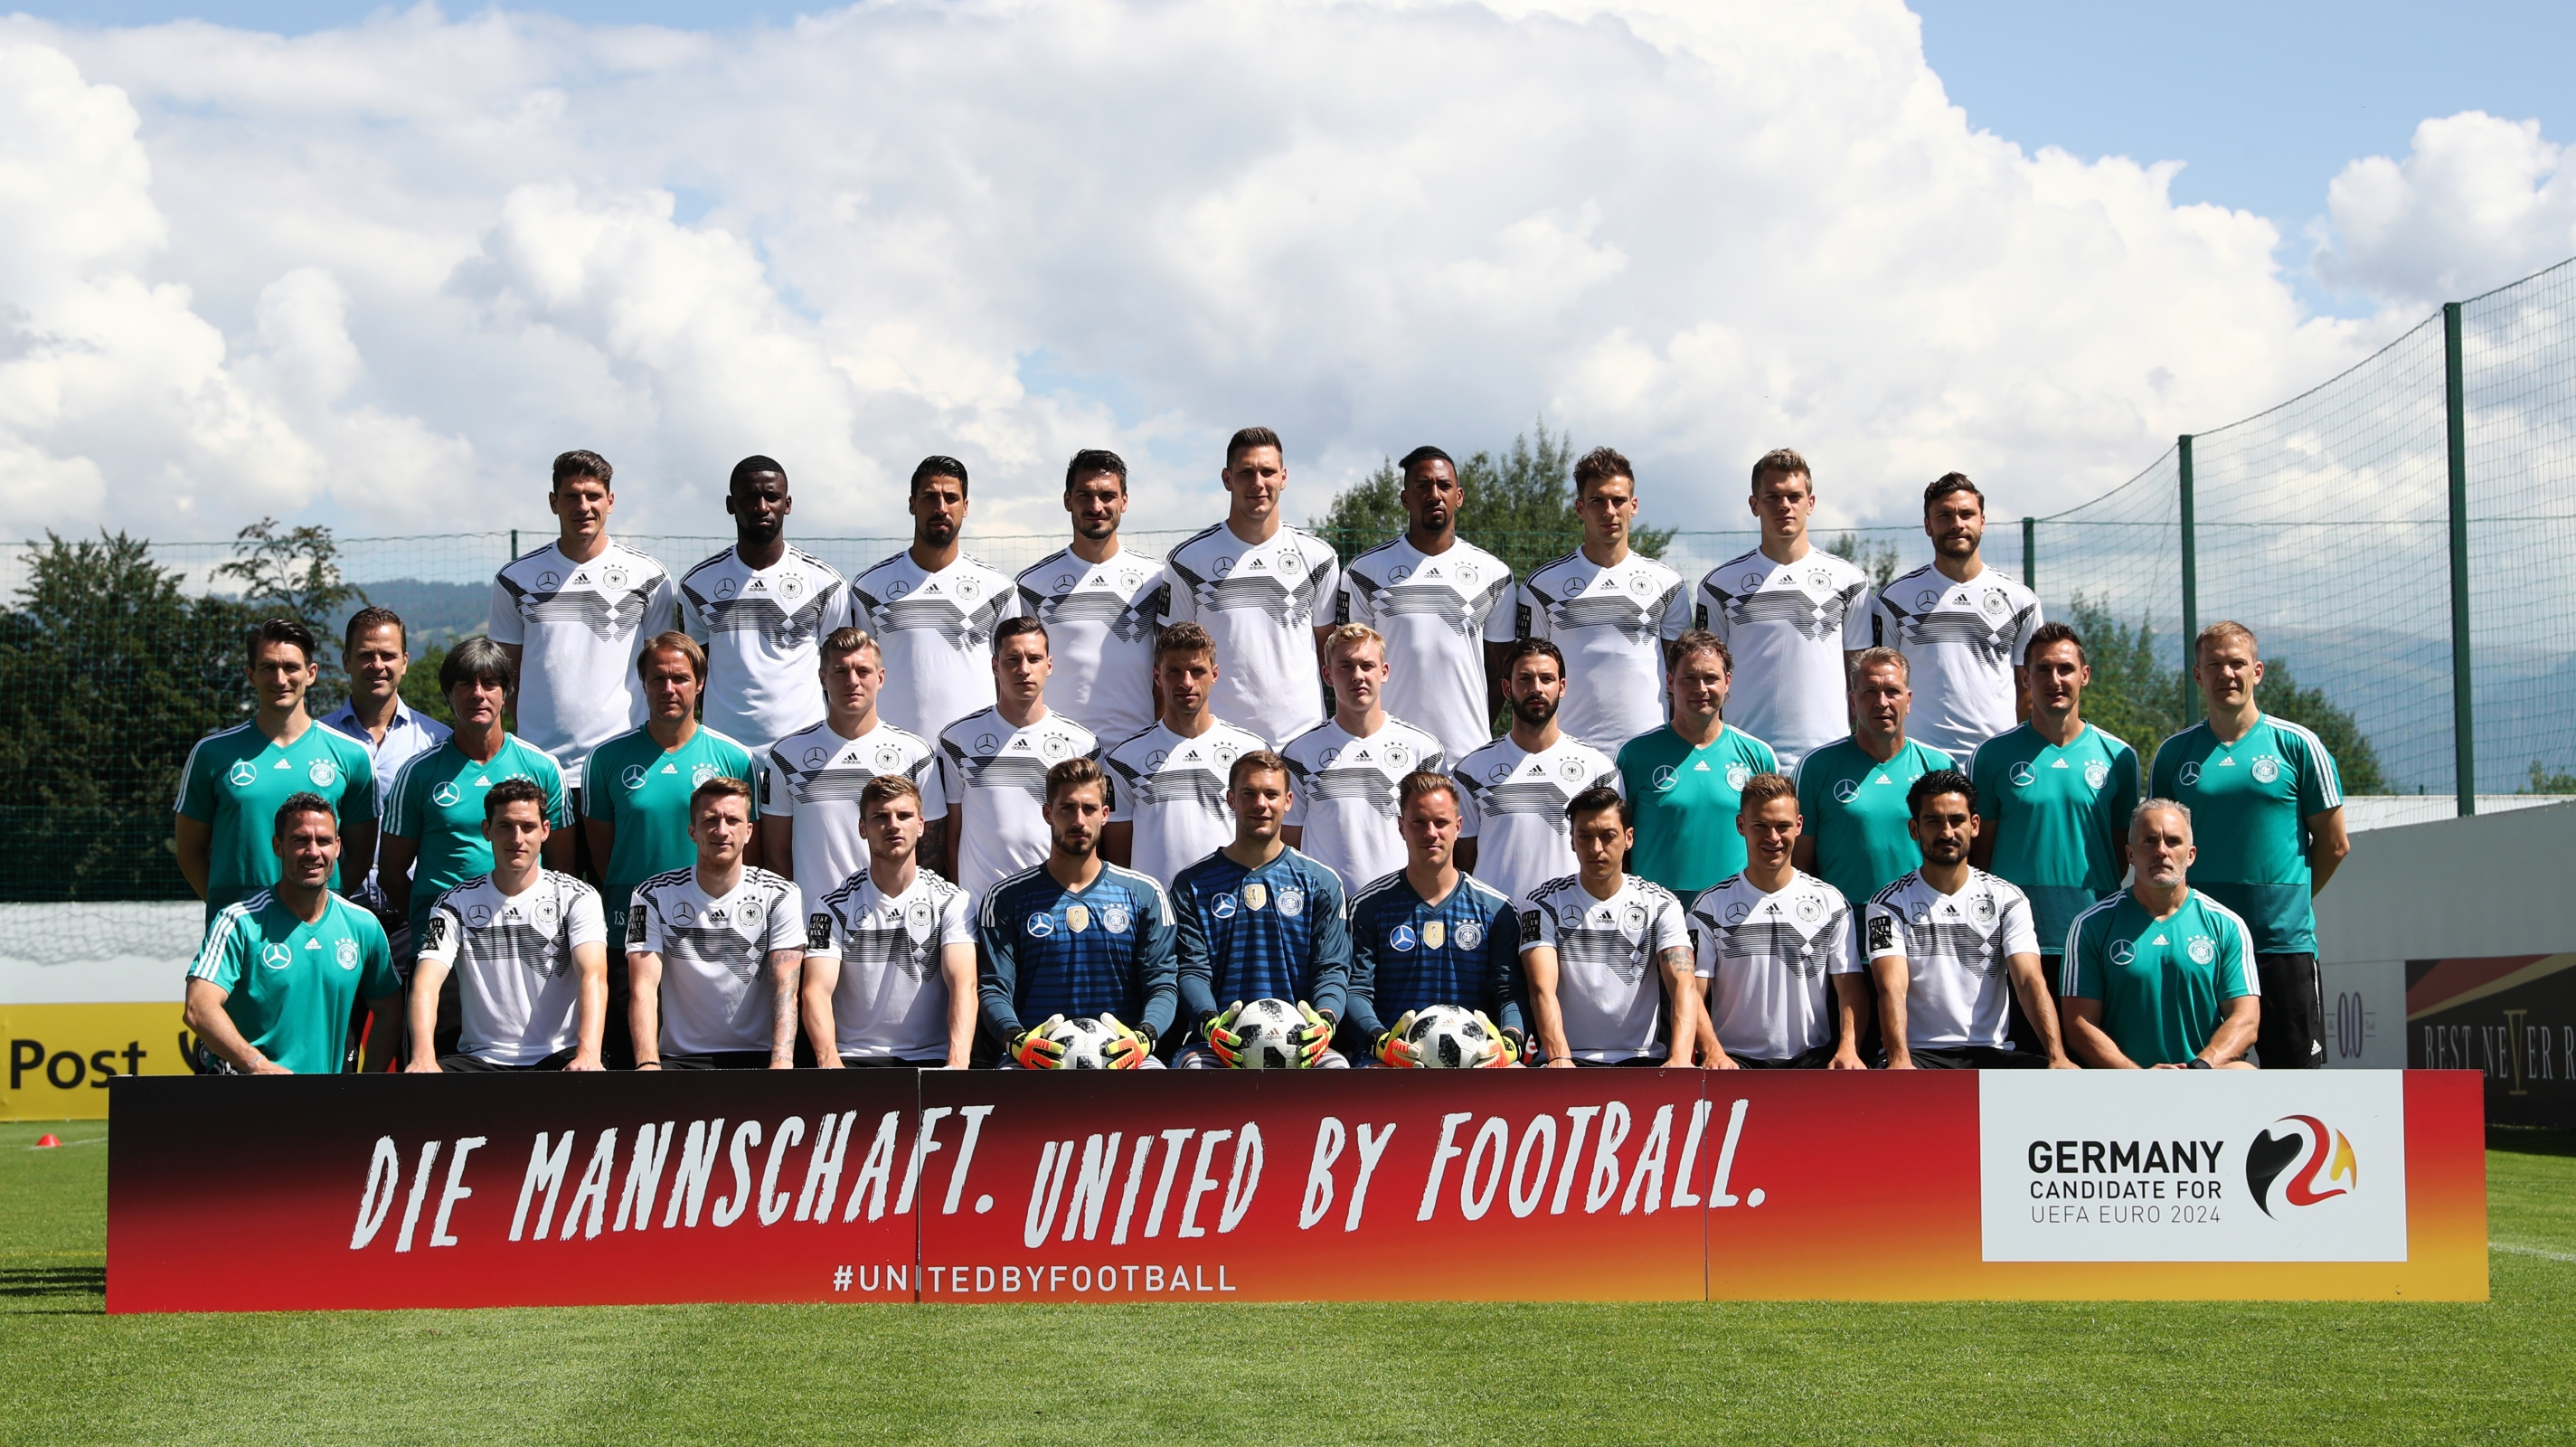 Die Mannschaft WM 2018